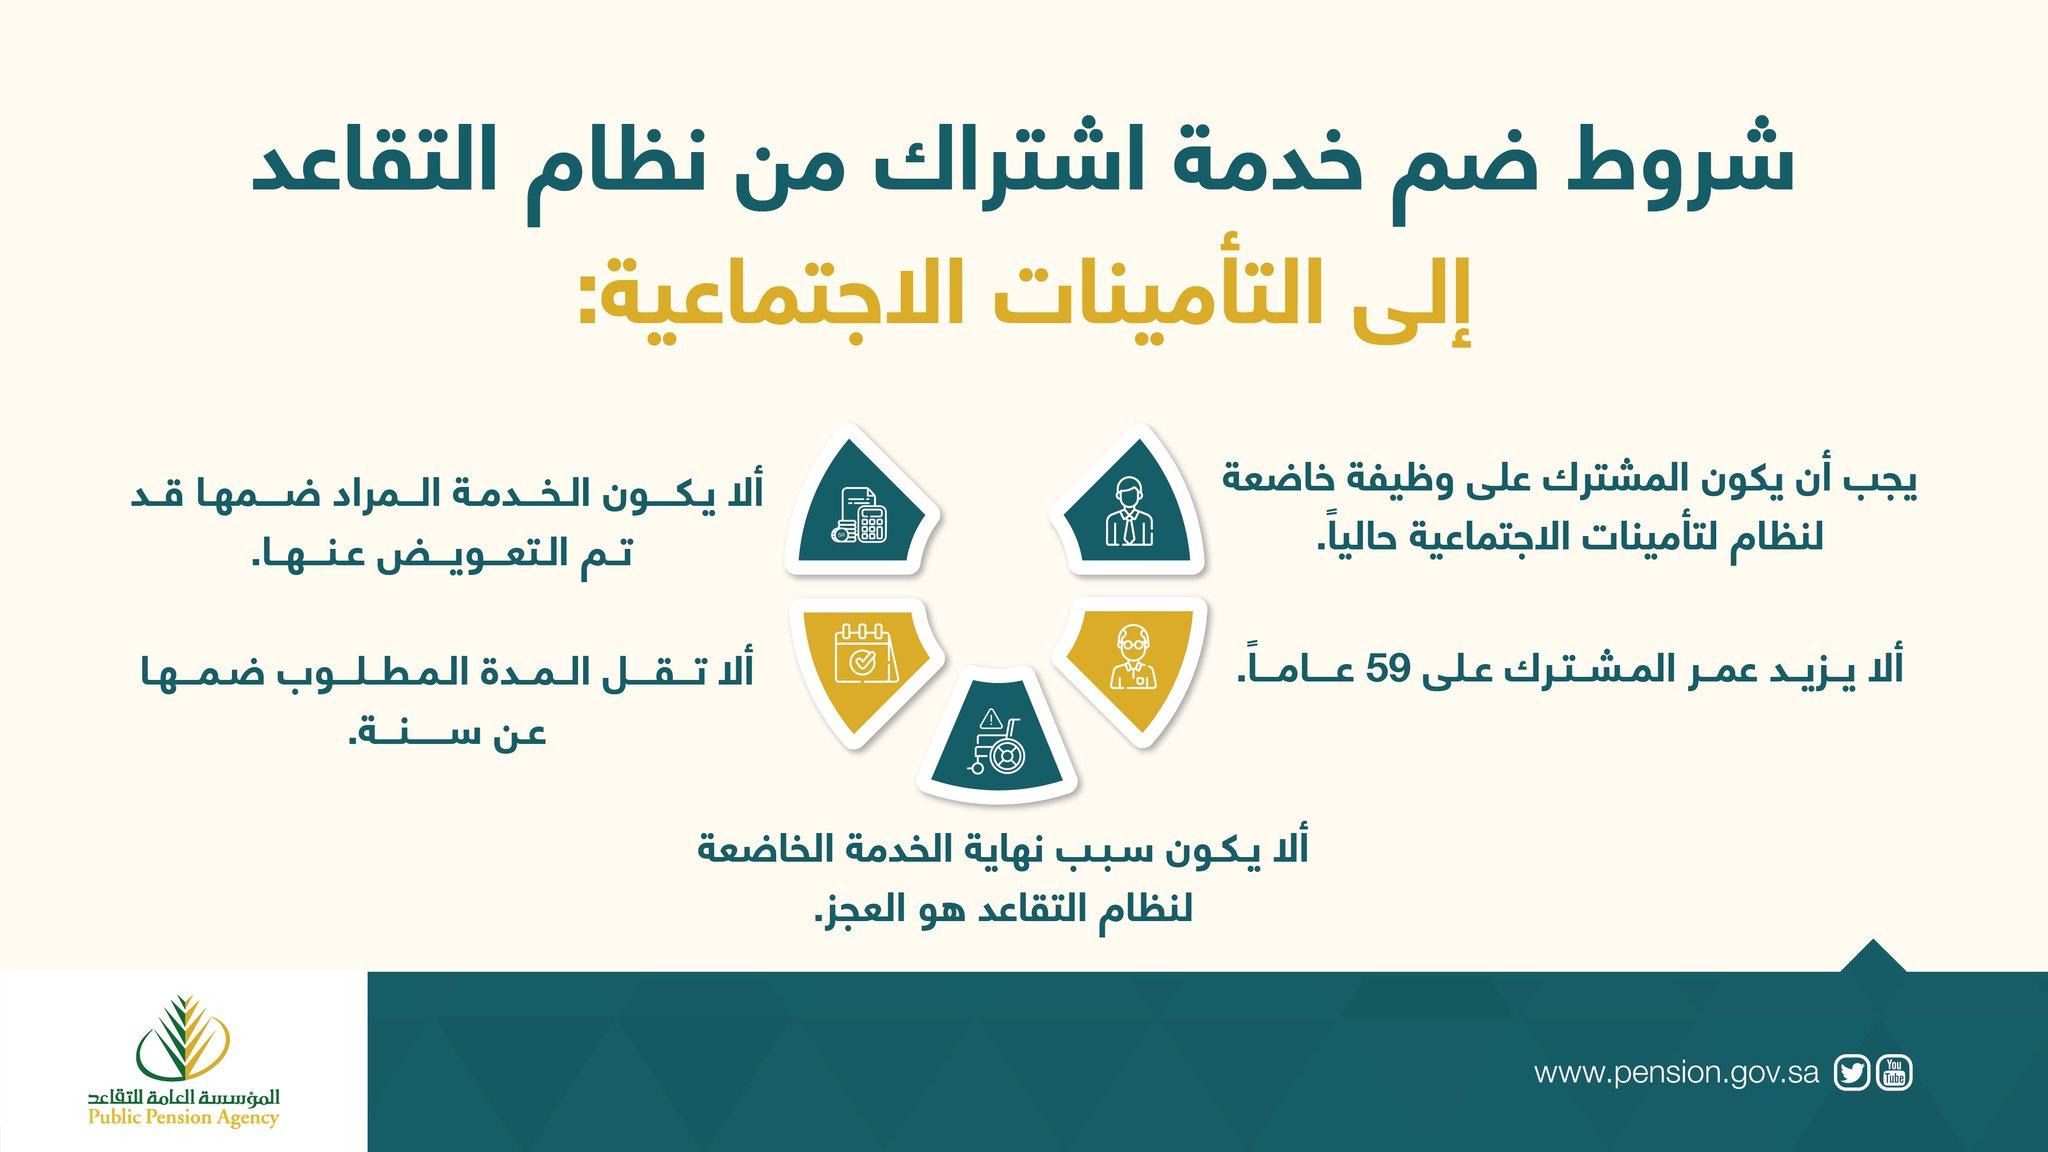 خطوات التسجيل في التأمينات الاجتماعية 1442